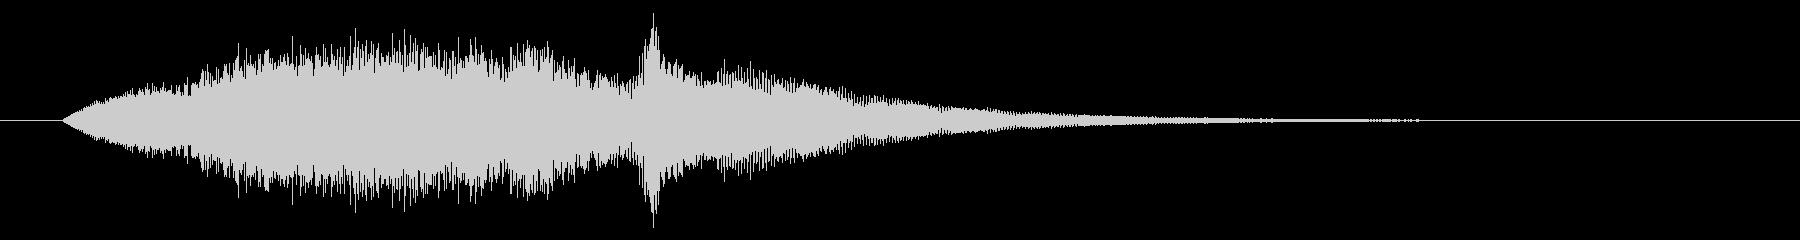 分厚い電子音の場面転換の未再生の波形